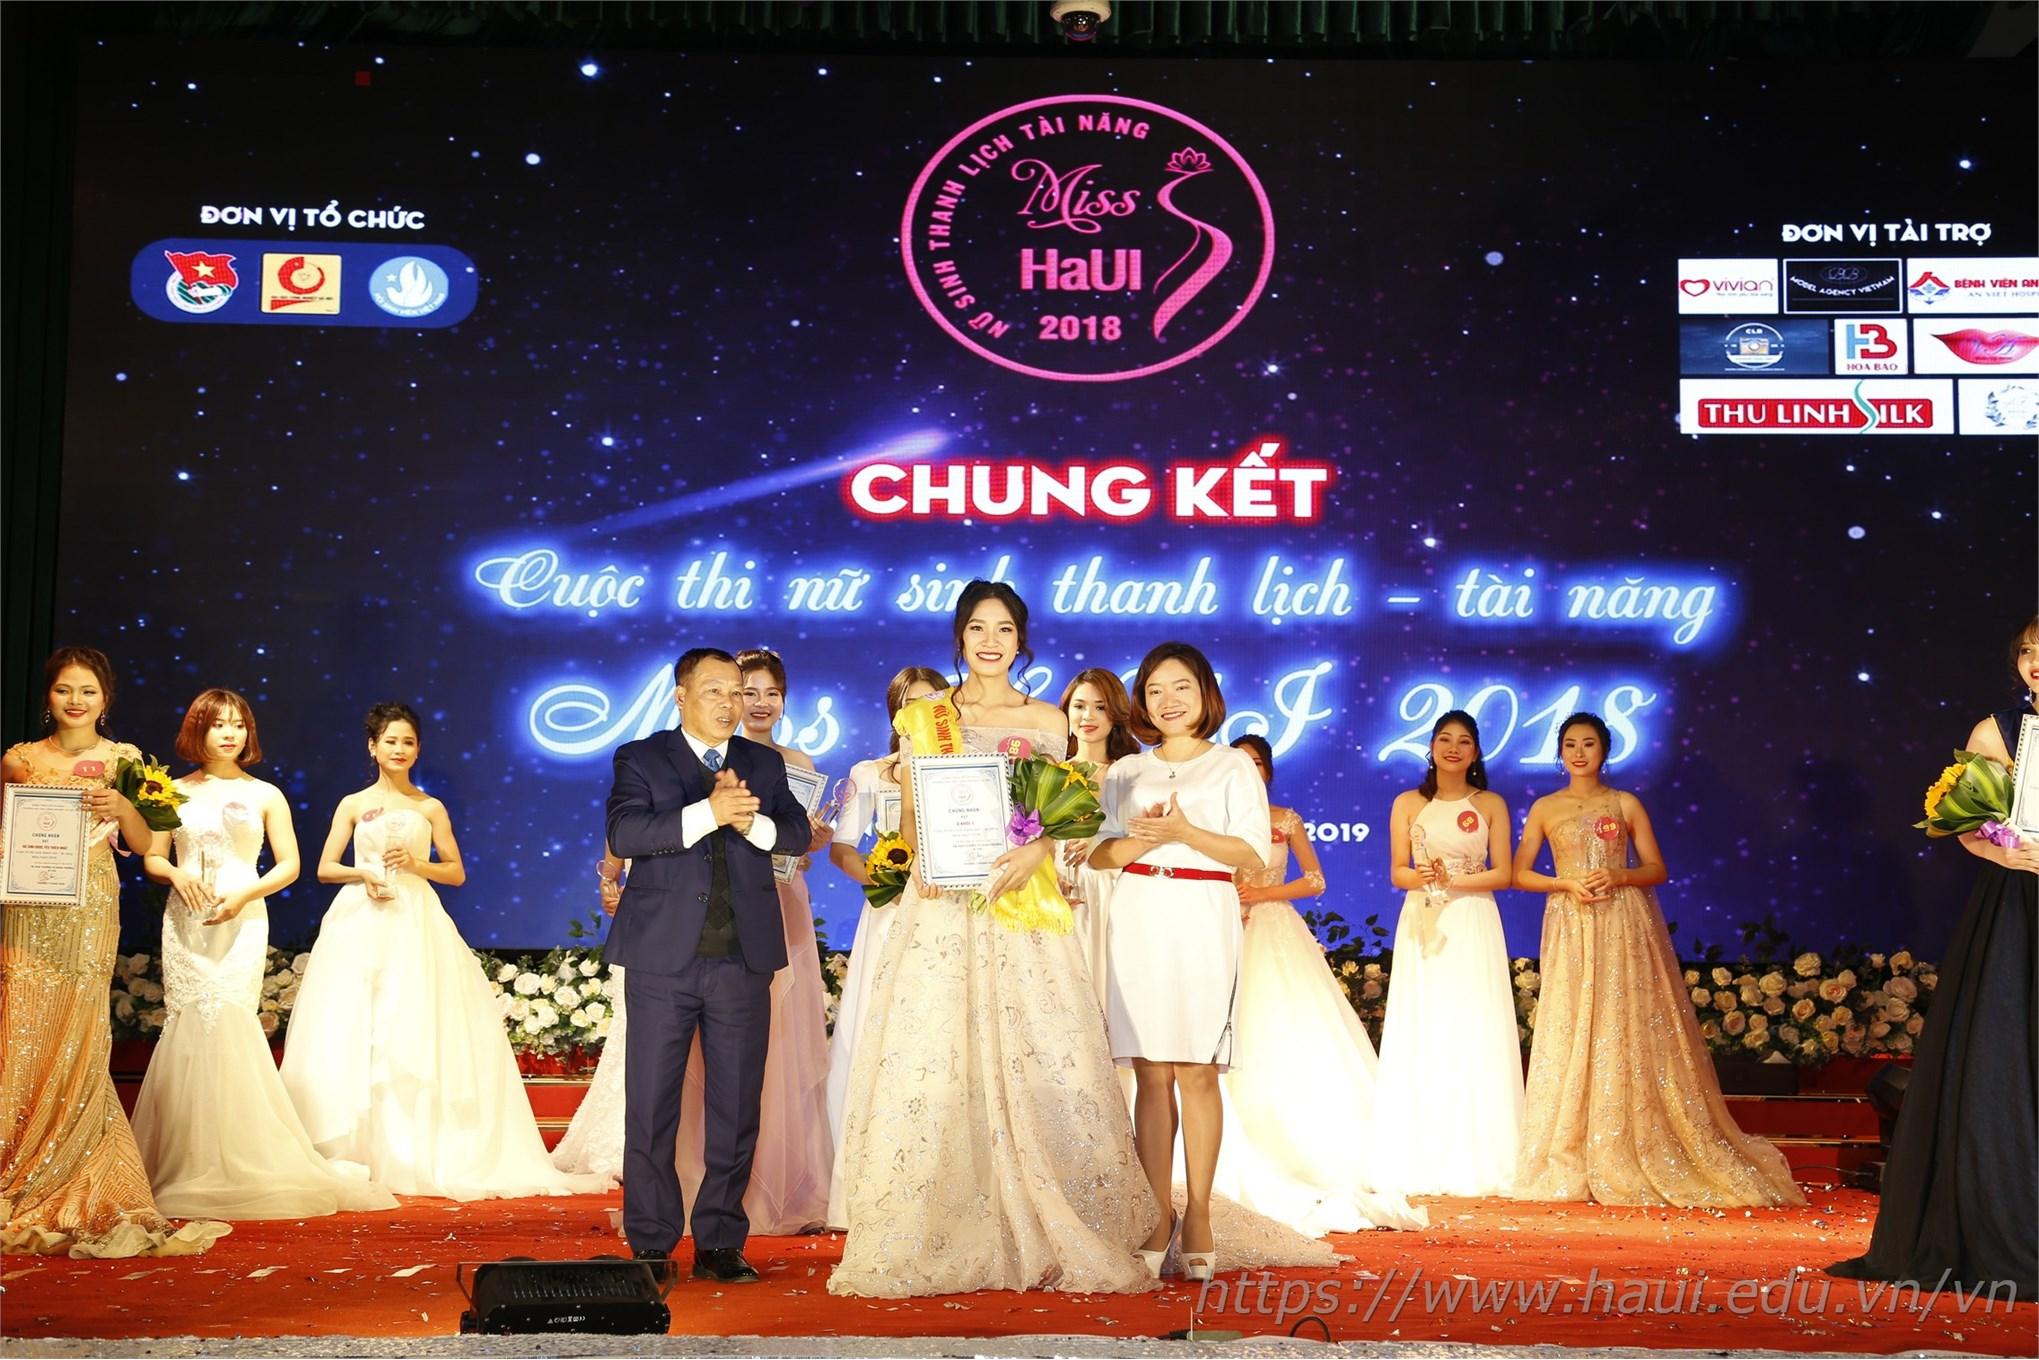 """Chung kết Cuộc thi Nữ sinh thanh lịch - tài năng """"Miss HaUI 2018"""""""